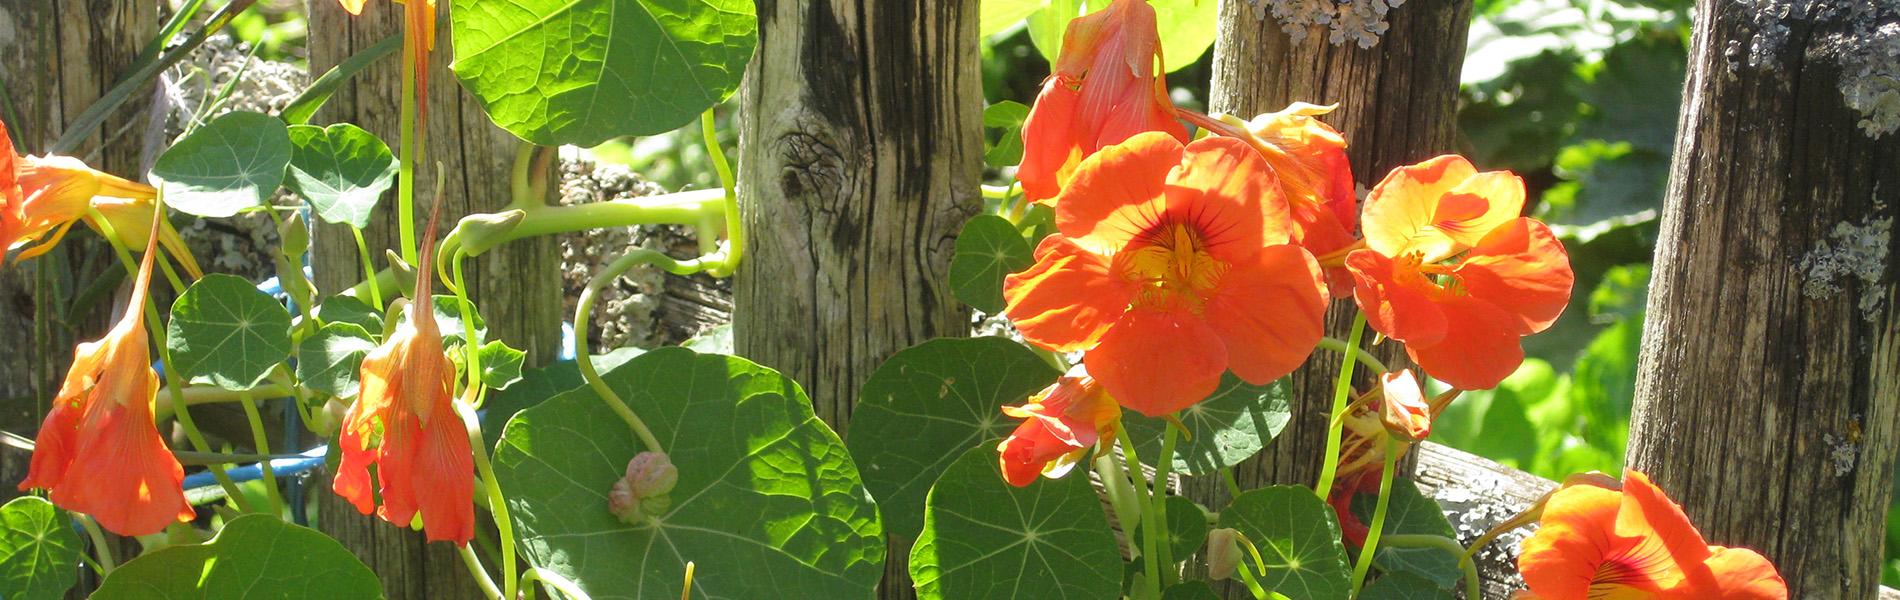 Christine Stadler - Heilkraft der Pflanzen